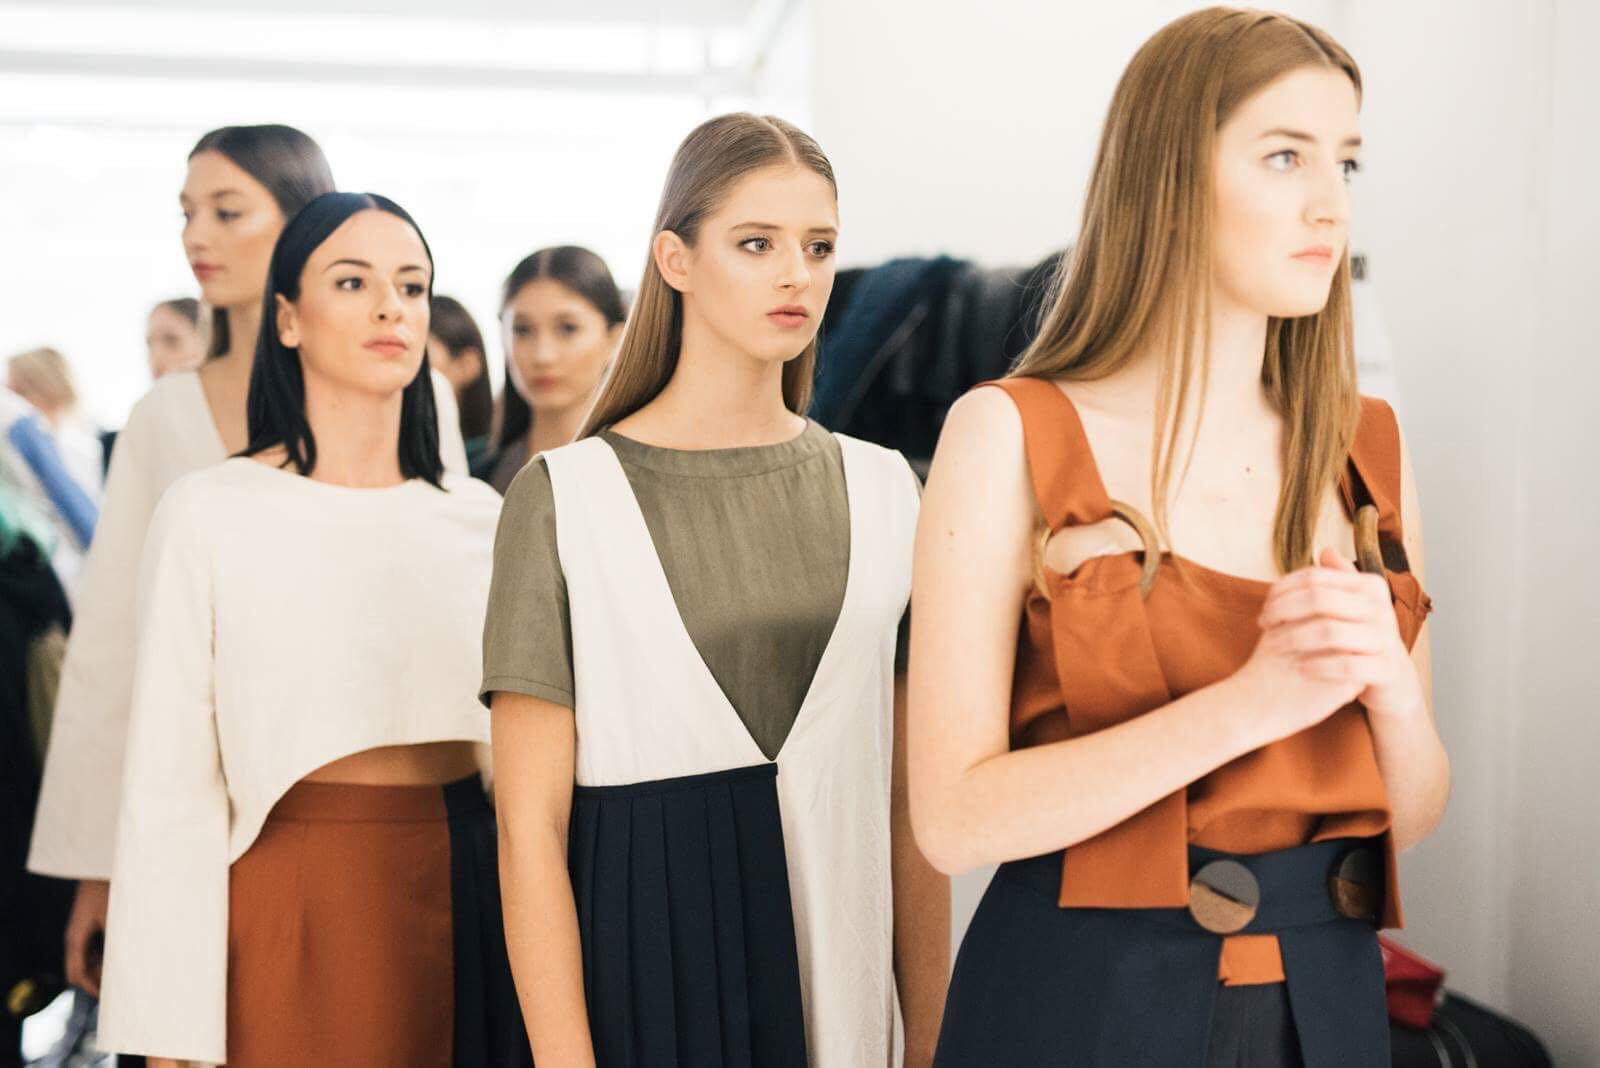 Dizajnerica Marijana Cigić-pobjednica Fashion Incubator-a: U pobjedničku kolekciju unijela sam najbolje od svoje osobnosti